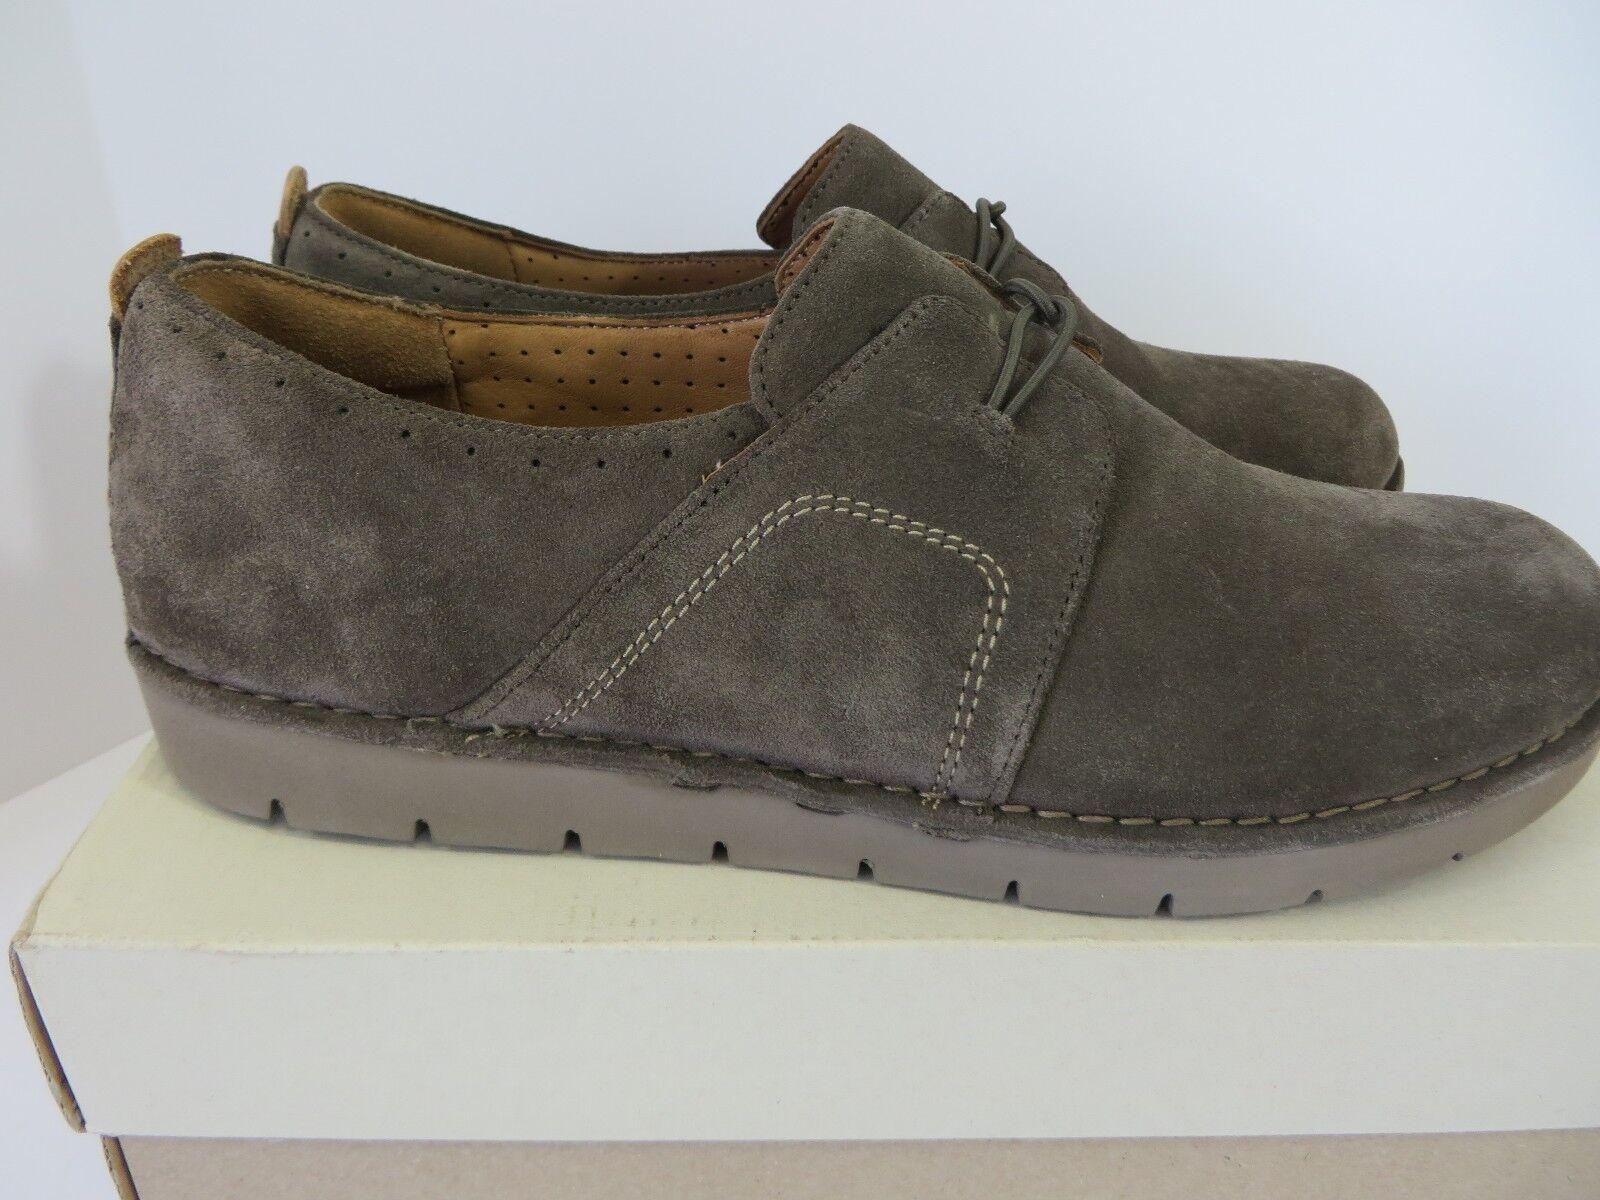 Clarks Un Ava Resbalón en Zapatillas De De De Gamuza De Color Caqui tamaño nos 12M Nuevo en Caja  B562 c8dec0